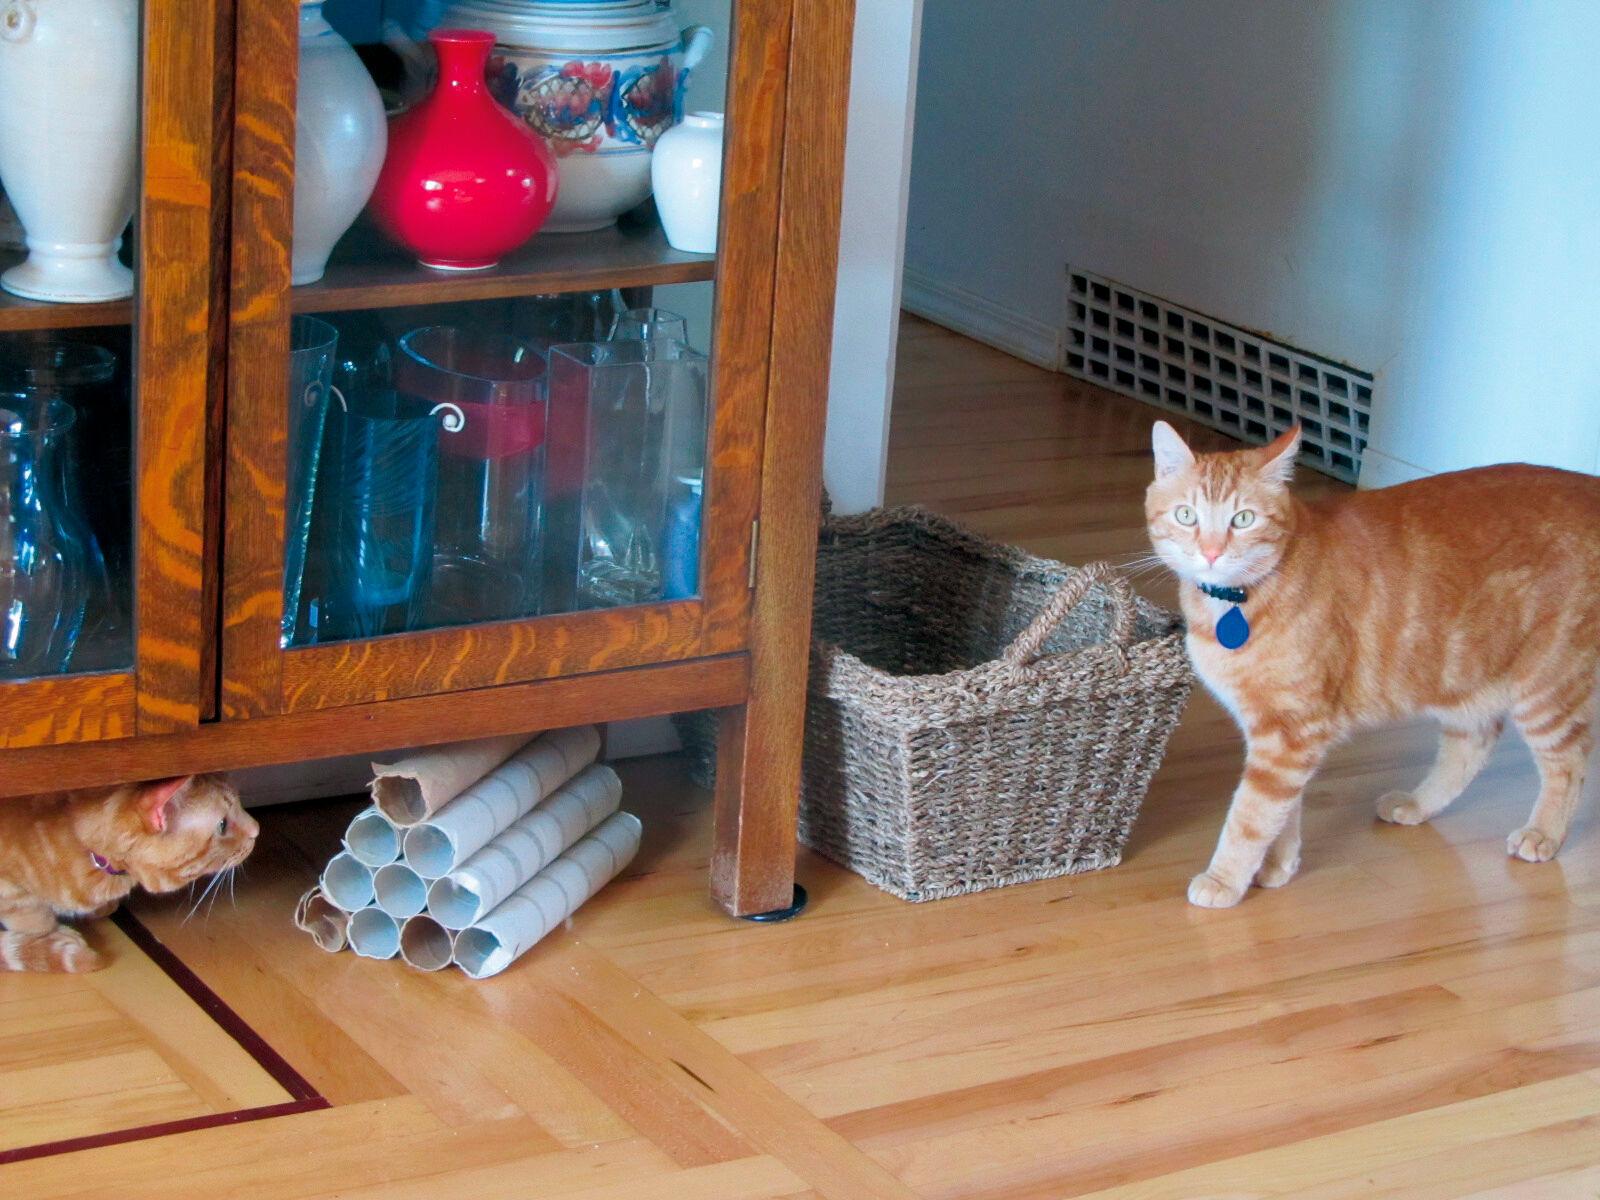 Figura 3. Esconderse es un comportamiento esencial para el gato que le permite afrontar determinadas situaciones. Cuando conviven varios gatos es fundamental que el gato no se sienta atrapado en su escondite